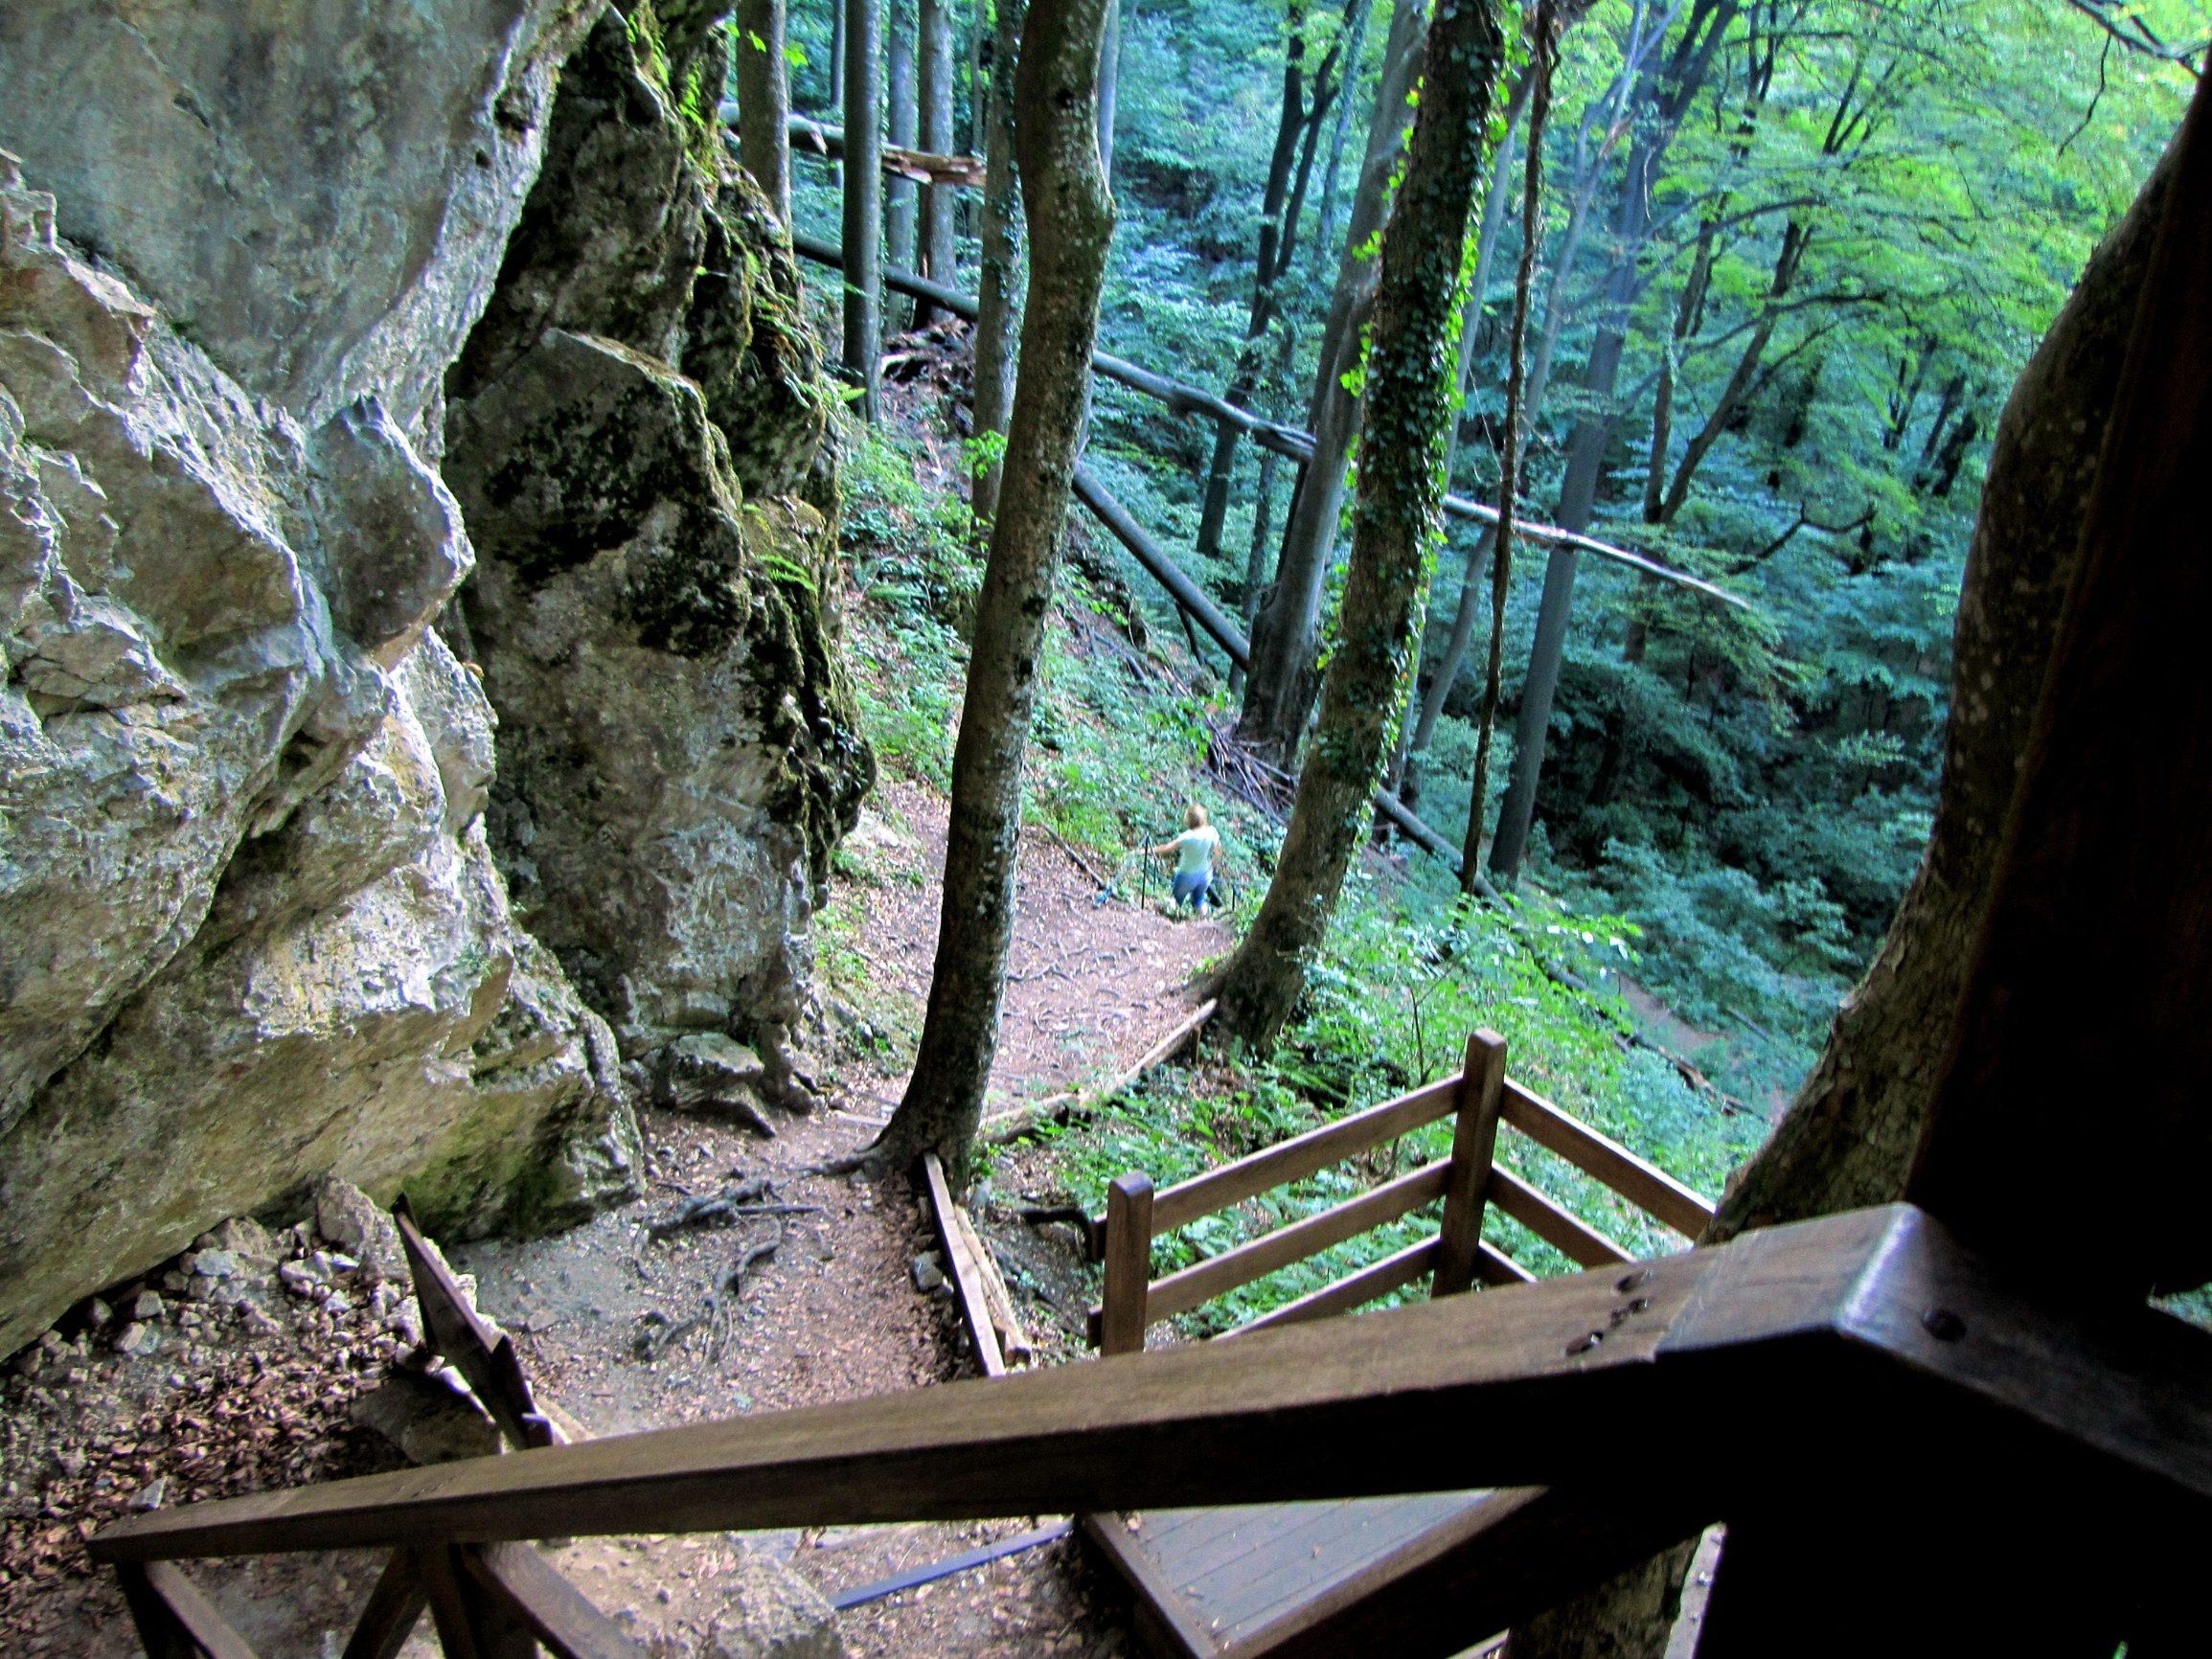 Jankovac, 070812. Grof Josip Jankovic, vlasnik tada brojnih posjeda od Vocina do Virovitice, zaljubljenik u prirodu, dosao je sredinom 19. stoljeca na ovaj posjed, odlucivsi svoje zrele godine provesti uredjujuci jednu lijepu dolinu blizu vrha Papuka. Napustio je raskosan zivot u Becu i kao samac zivio na Papuku do 1862. Prvo je sagradio lovacki dvorac, potom dva protocna jezera, za uzgoj pastrva i za vodoopskrbu. Do mauzoleja grofa Jankovica vodi strma staza. Foto: Zeljko Muzevic / CROPIX